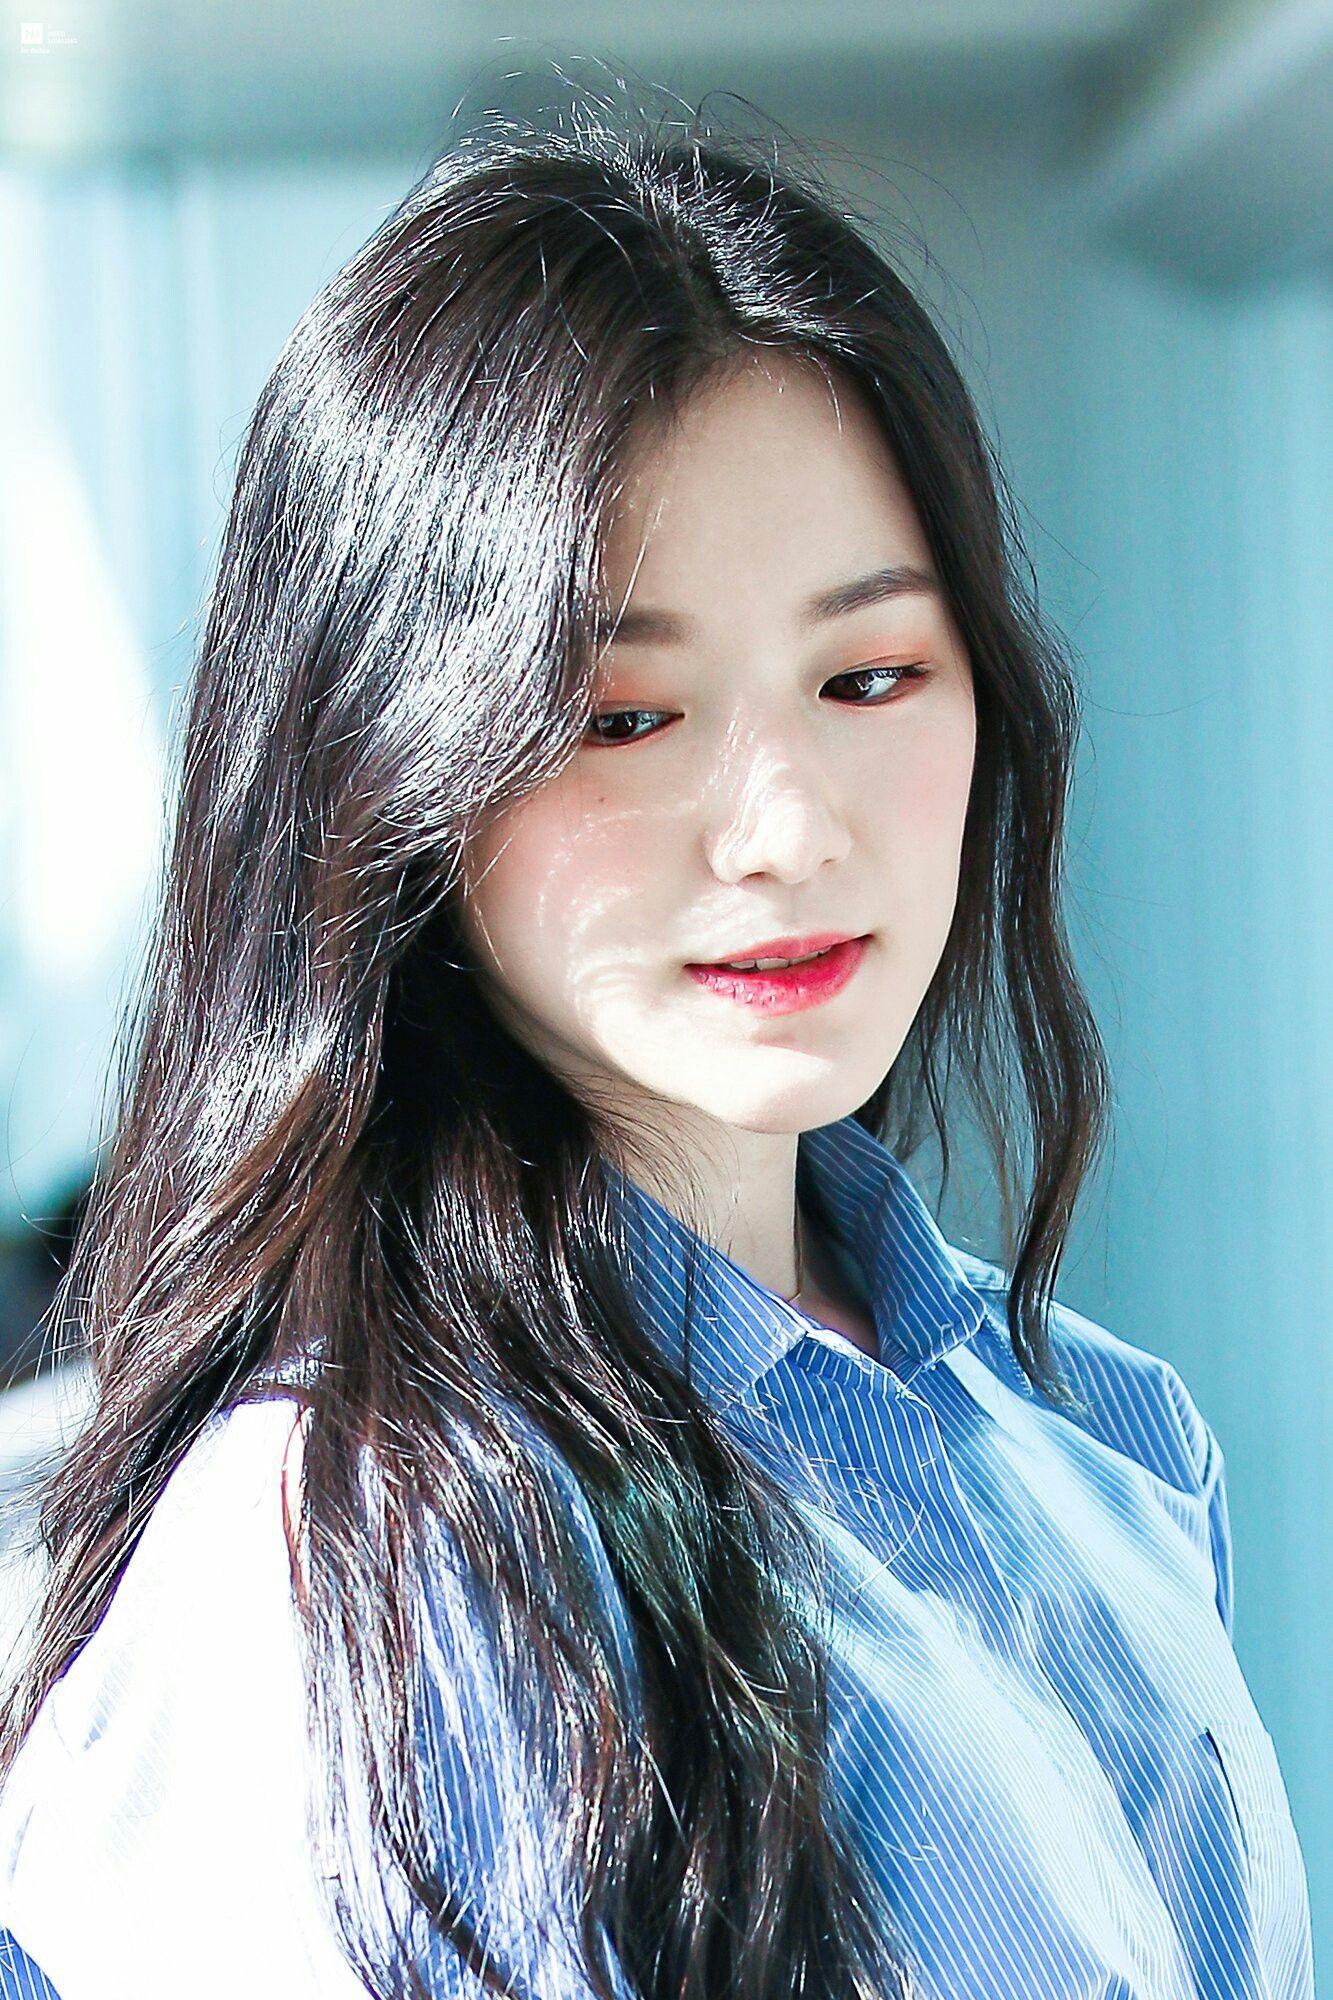 Ngược đời idol Kpop là visual nhưng không nói thì chẳng ai hay: Đẹp cực phẩm nhưng toàn bị thành viên khác lấn át - Ảnh 9.